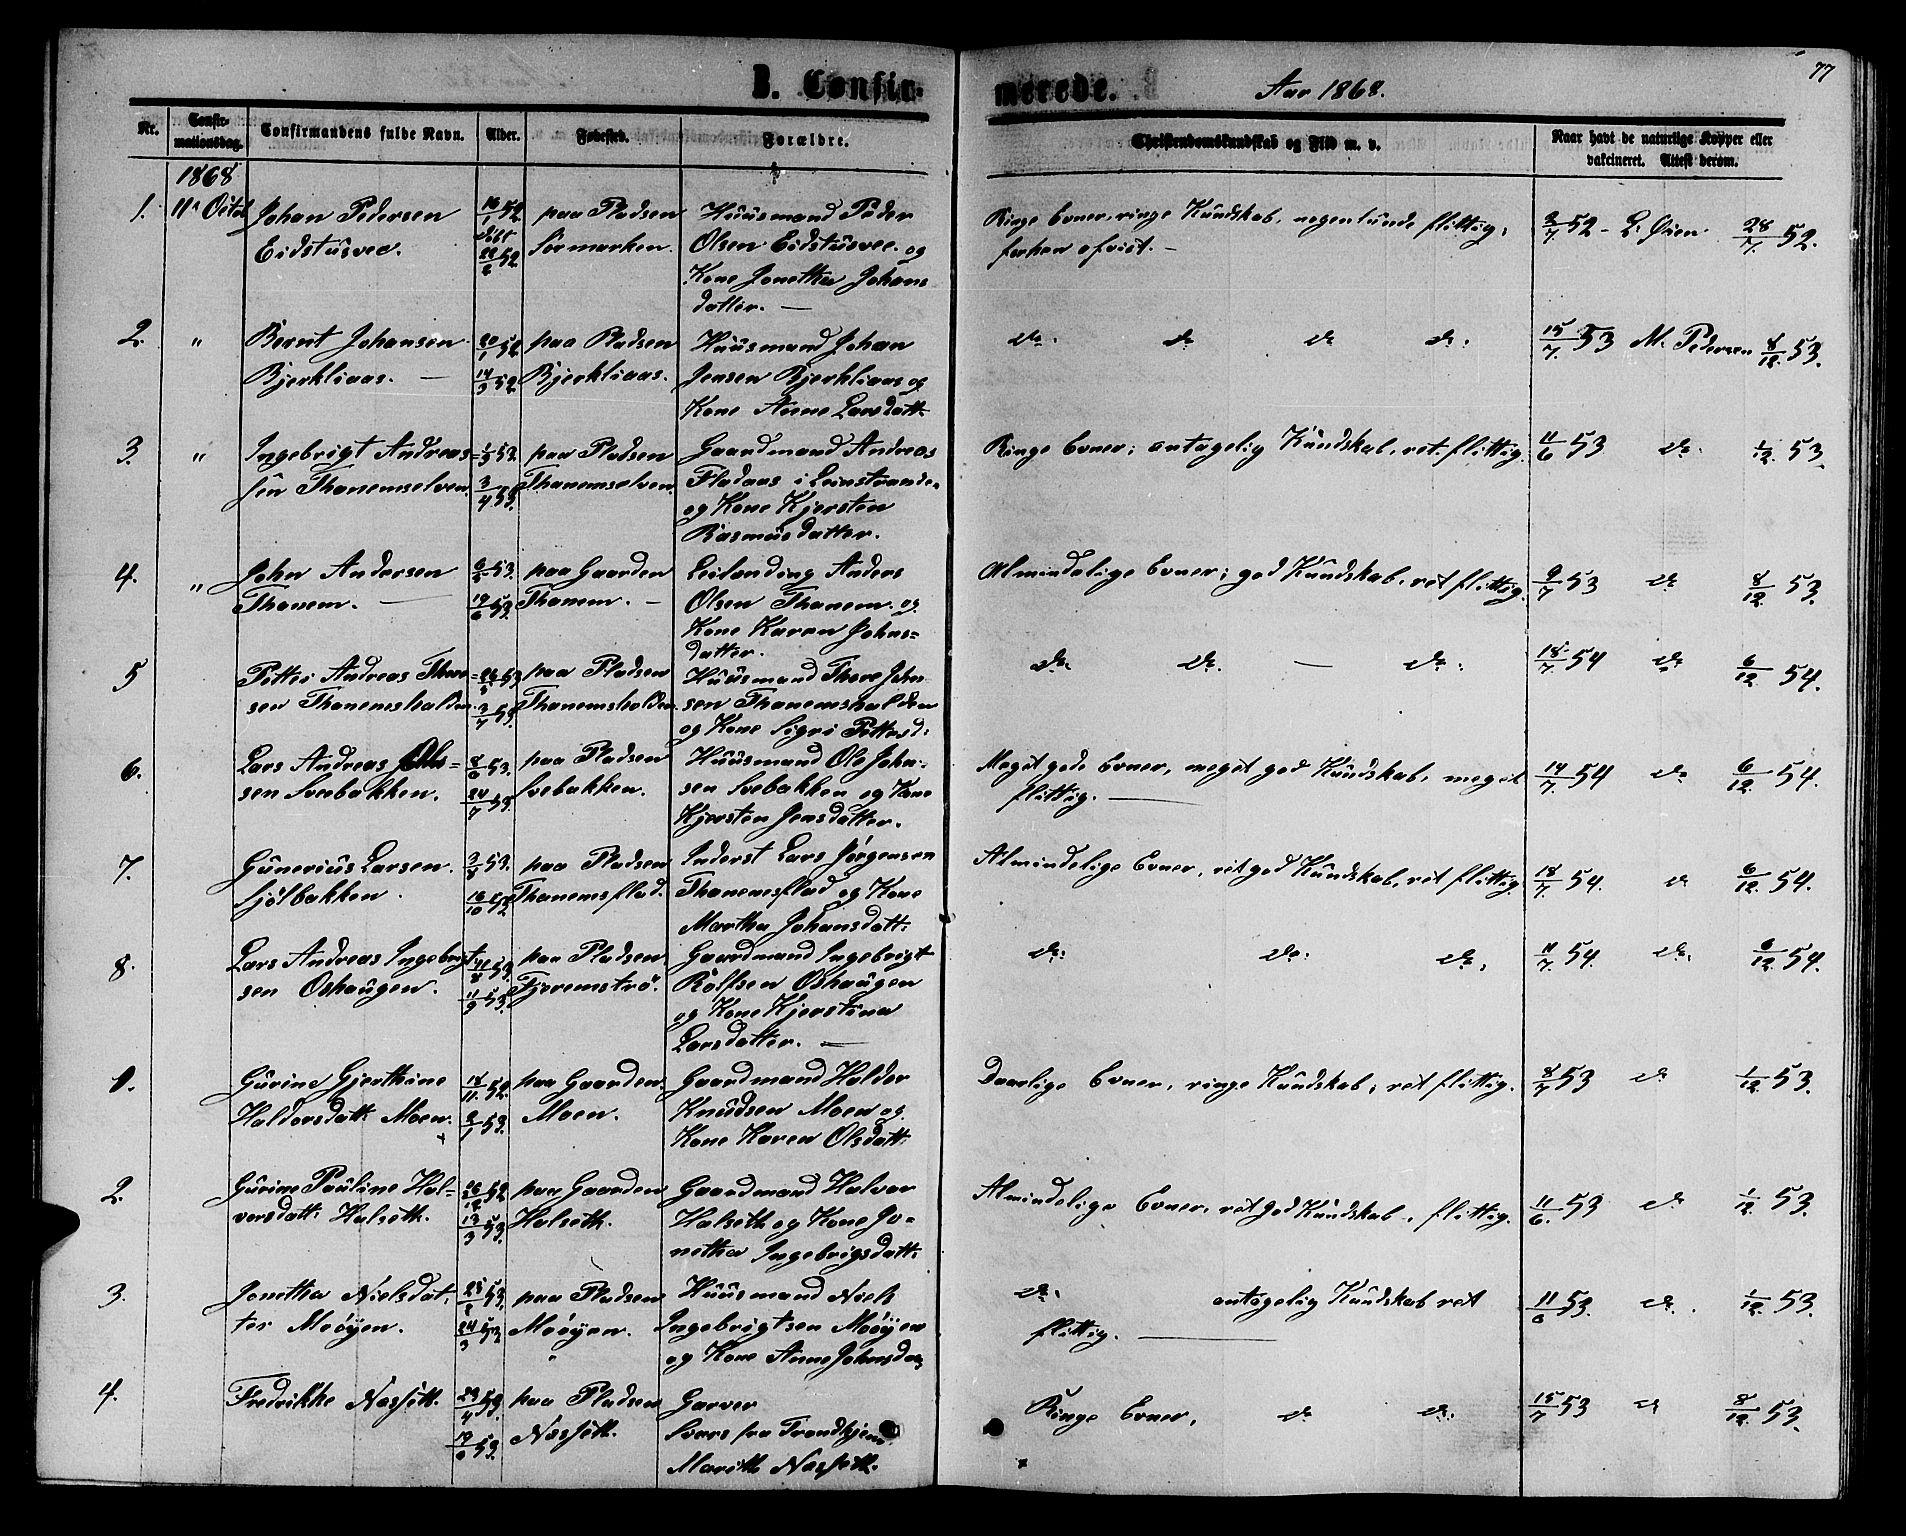 SAT, Ministerialprotokoller, klokkerbøker og fødselsregistre - Sør-Trøndelag, 618/L0451: Klokkerbok nr. 618C02, 1865-1883, s. 77